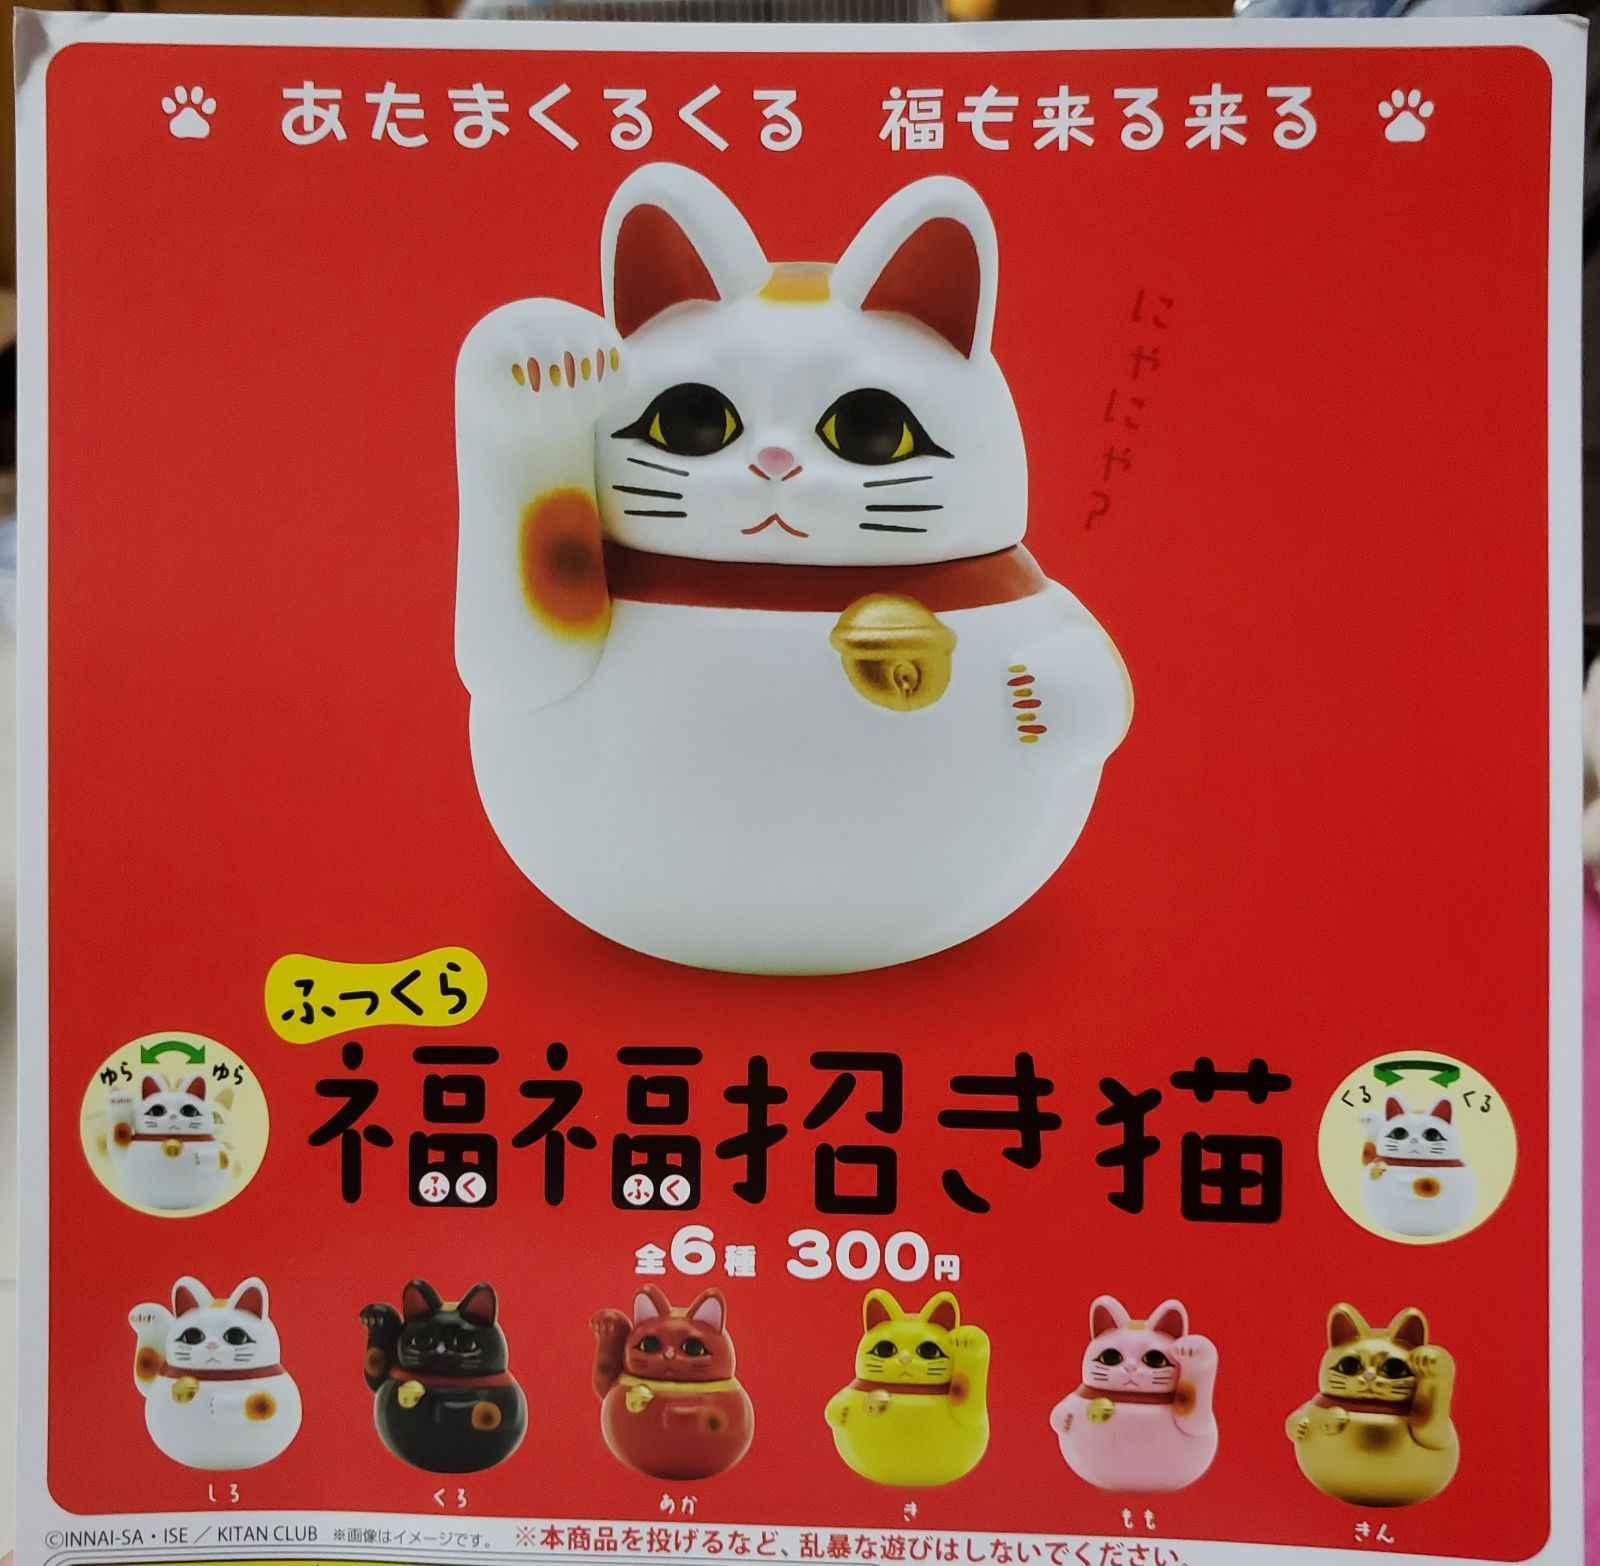 ญี่ปุ่นเดิม Bulks แคปซูลสัตว์น่ารักไขมันน้อย Bell Lucky Cat ของเล่นเด็กคริสต์มาสของขวัญตกแต่ง Desktop